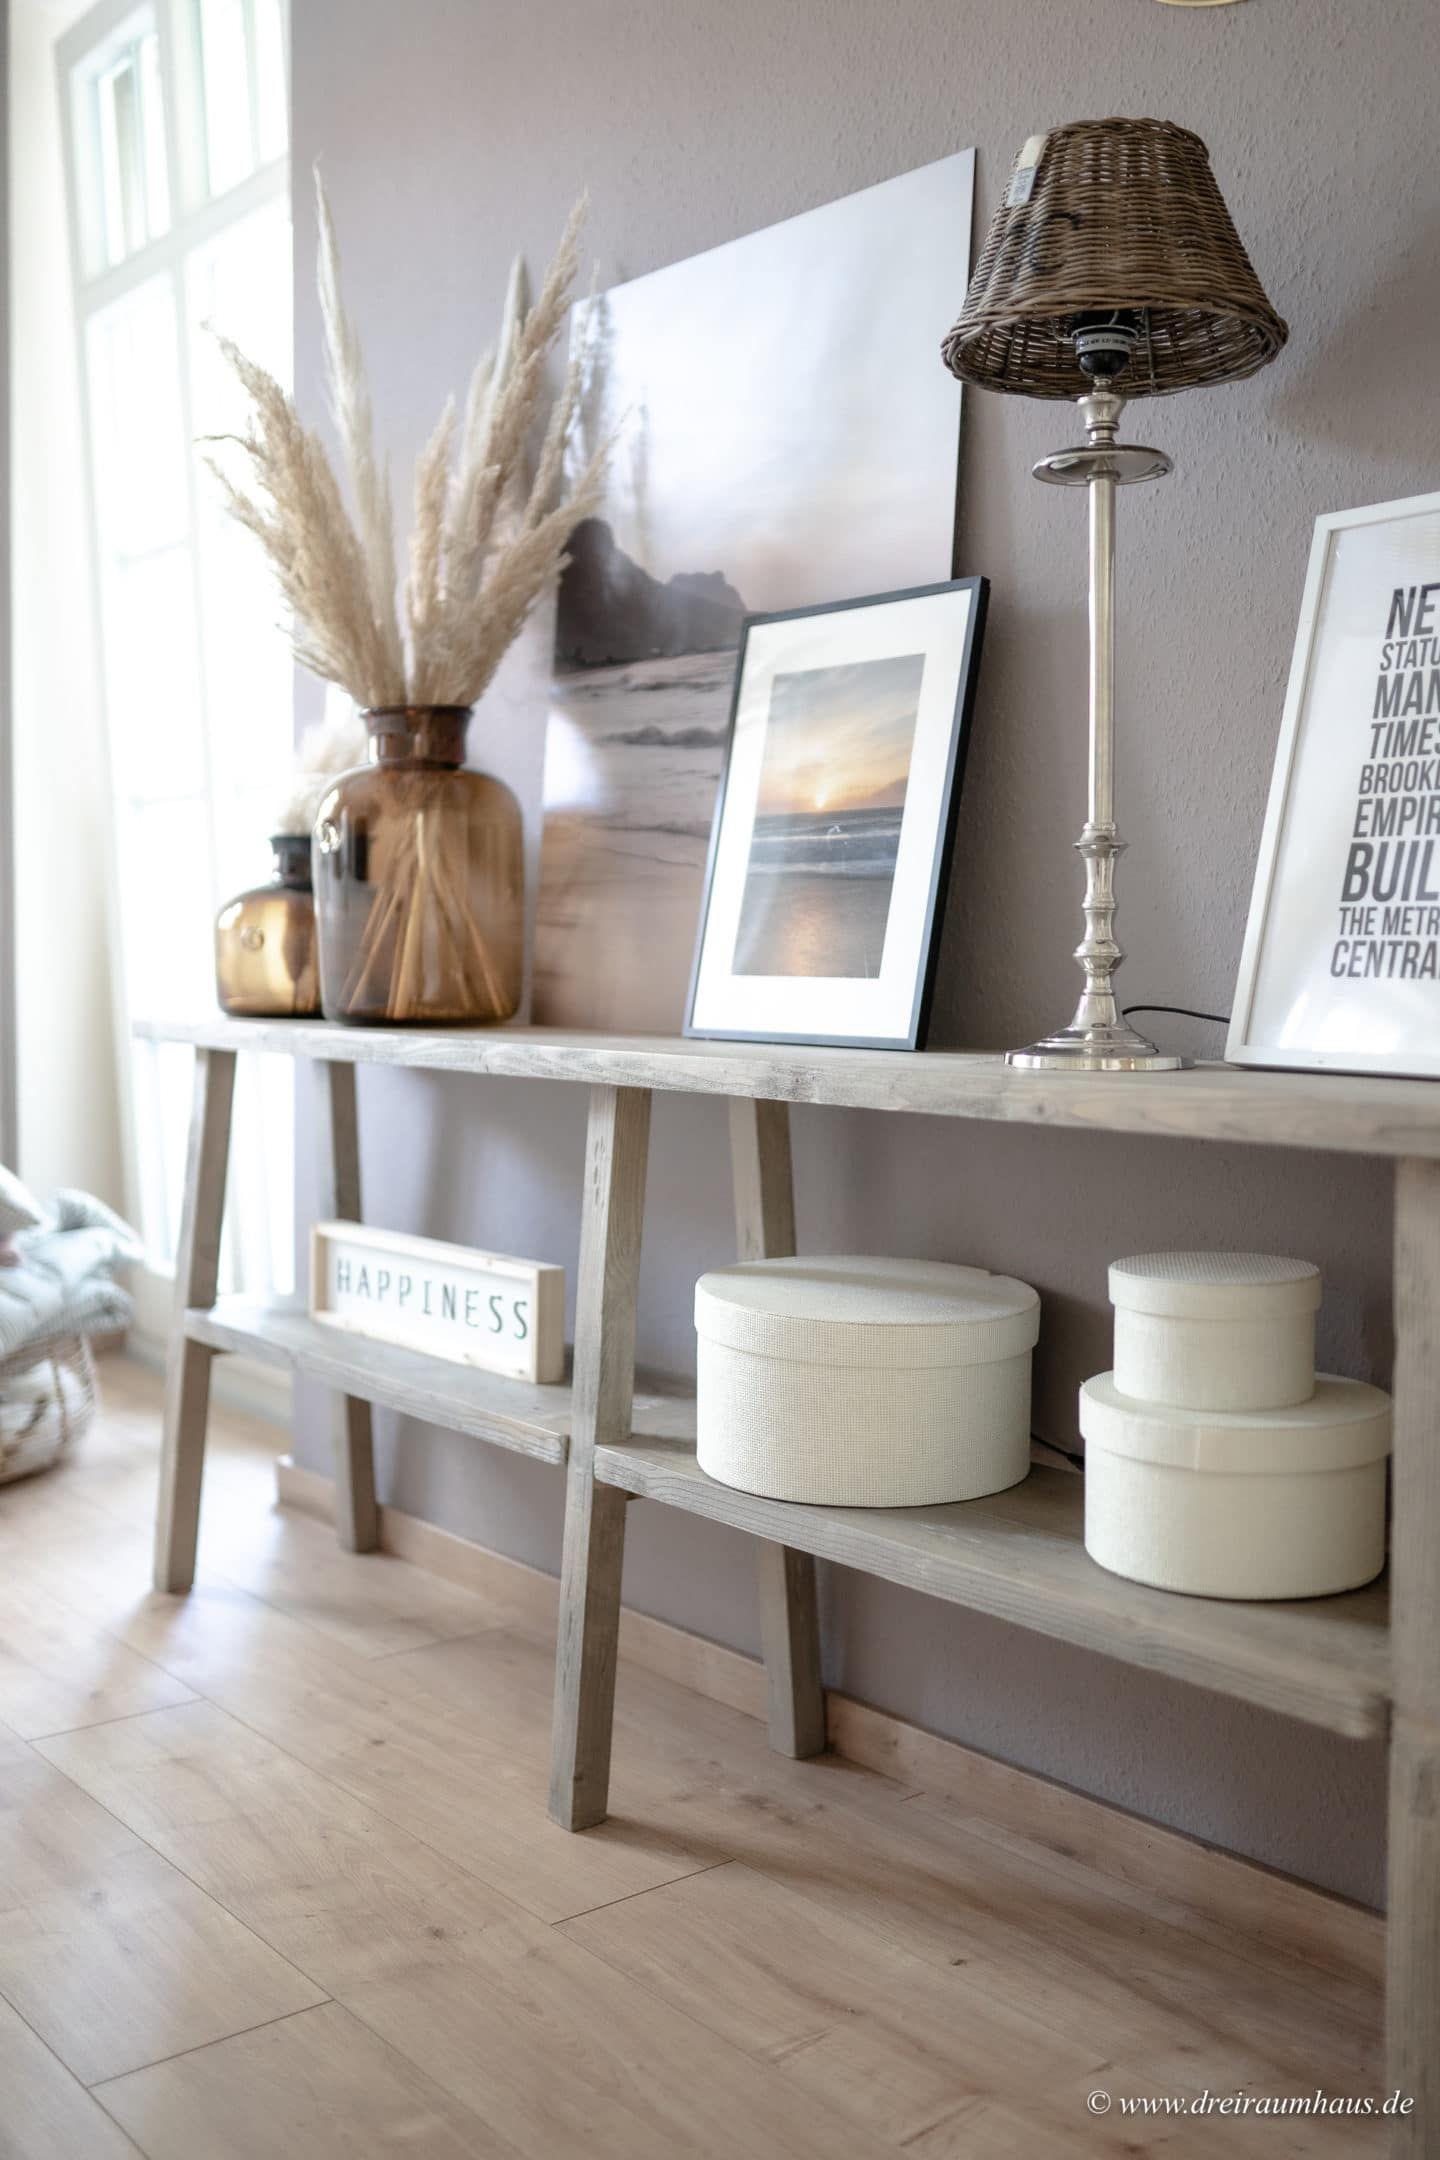 Dekosamstag: Vorher/Nachher - ein neuer Look für das Wohnzimmer! #alpinafeinefarben